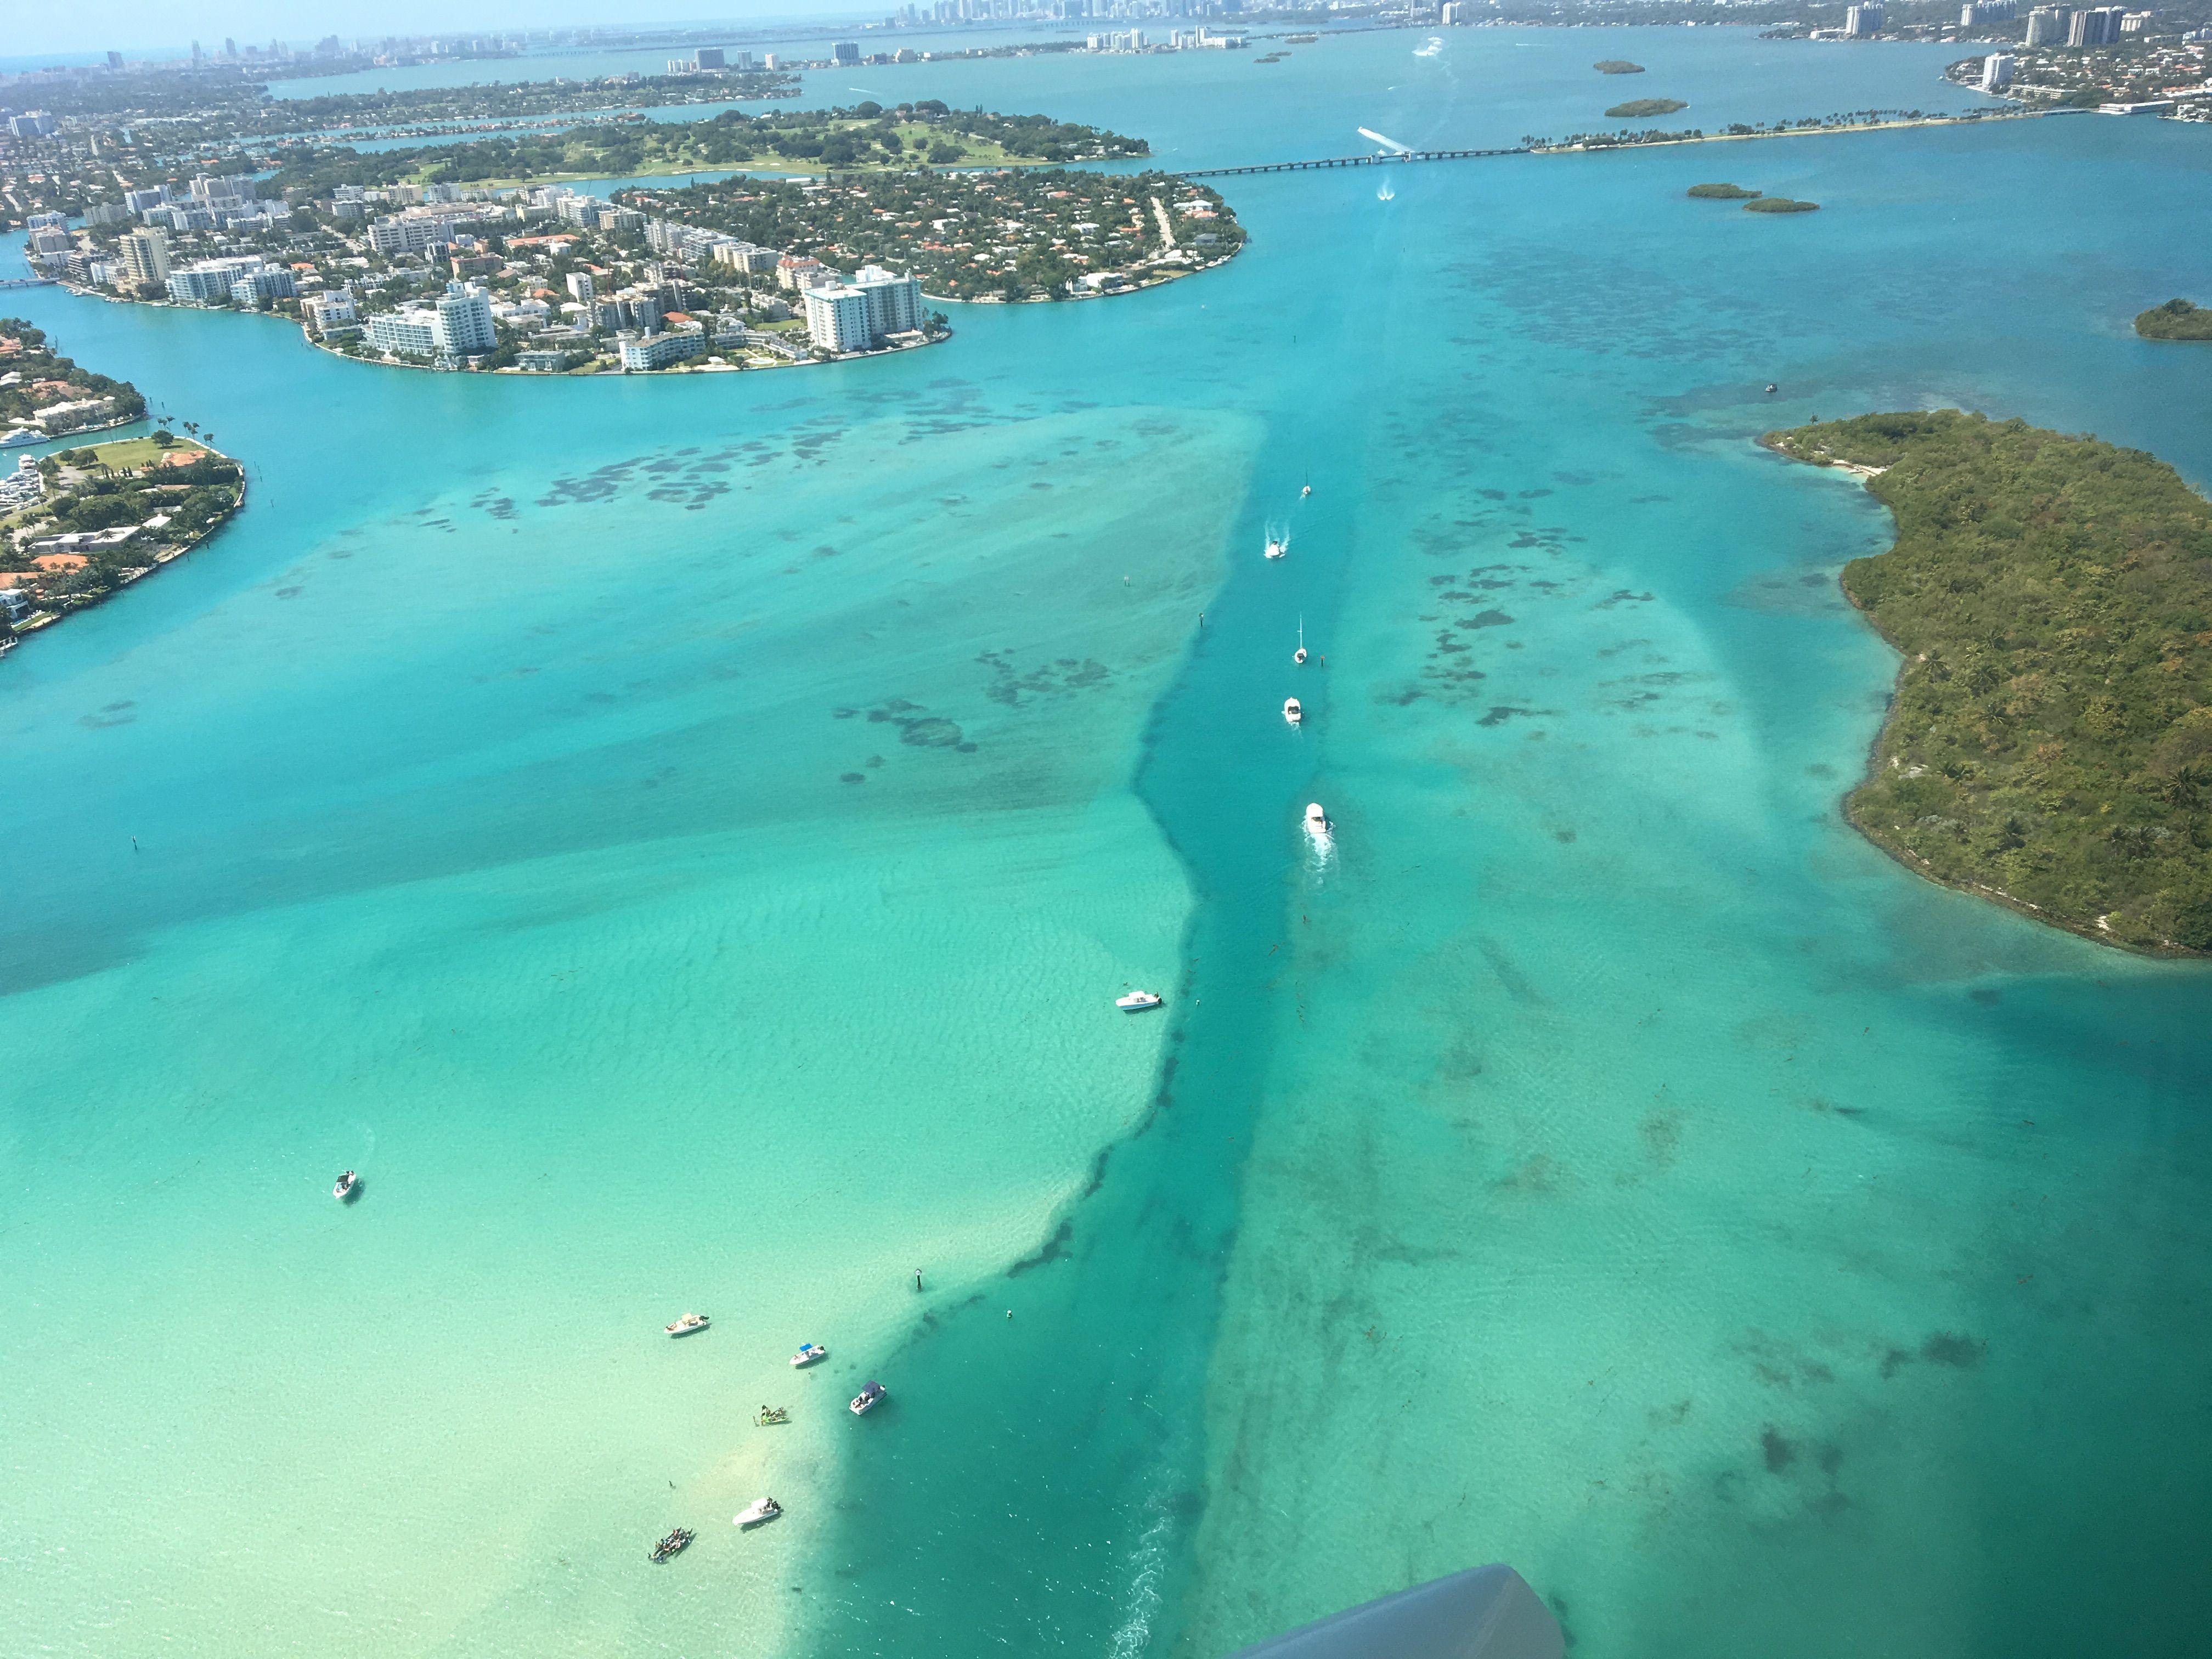 010_Miami Beach